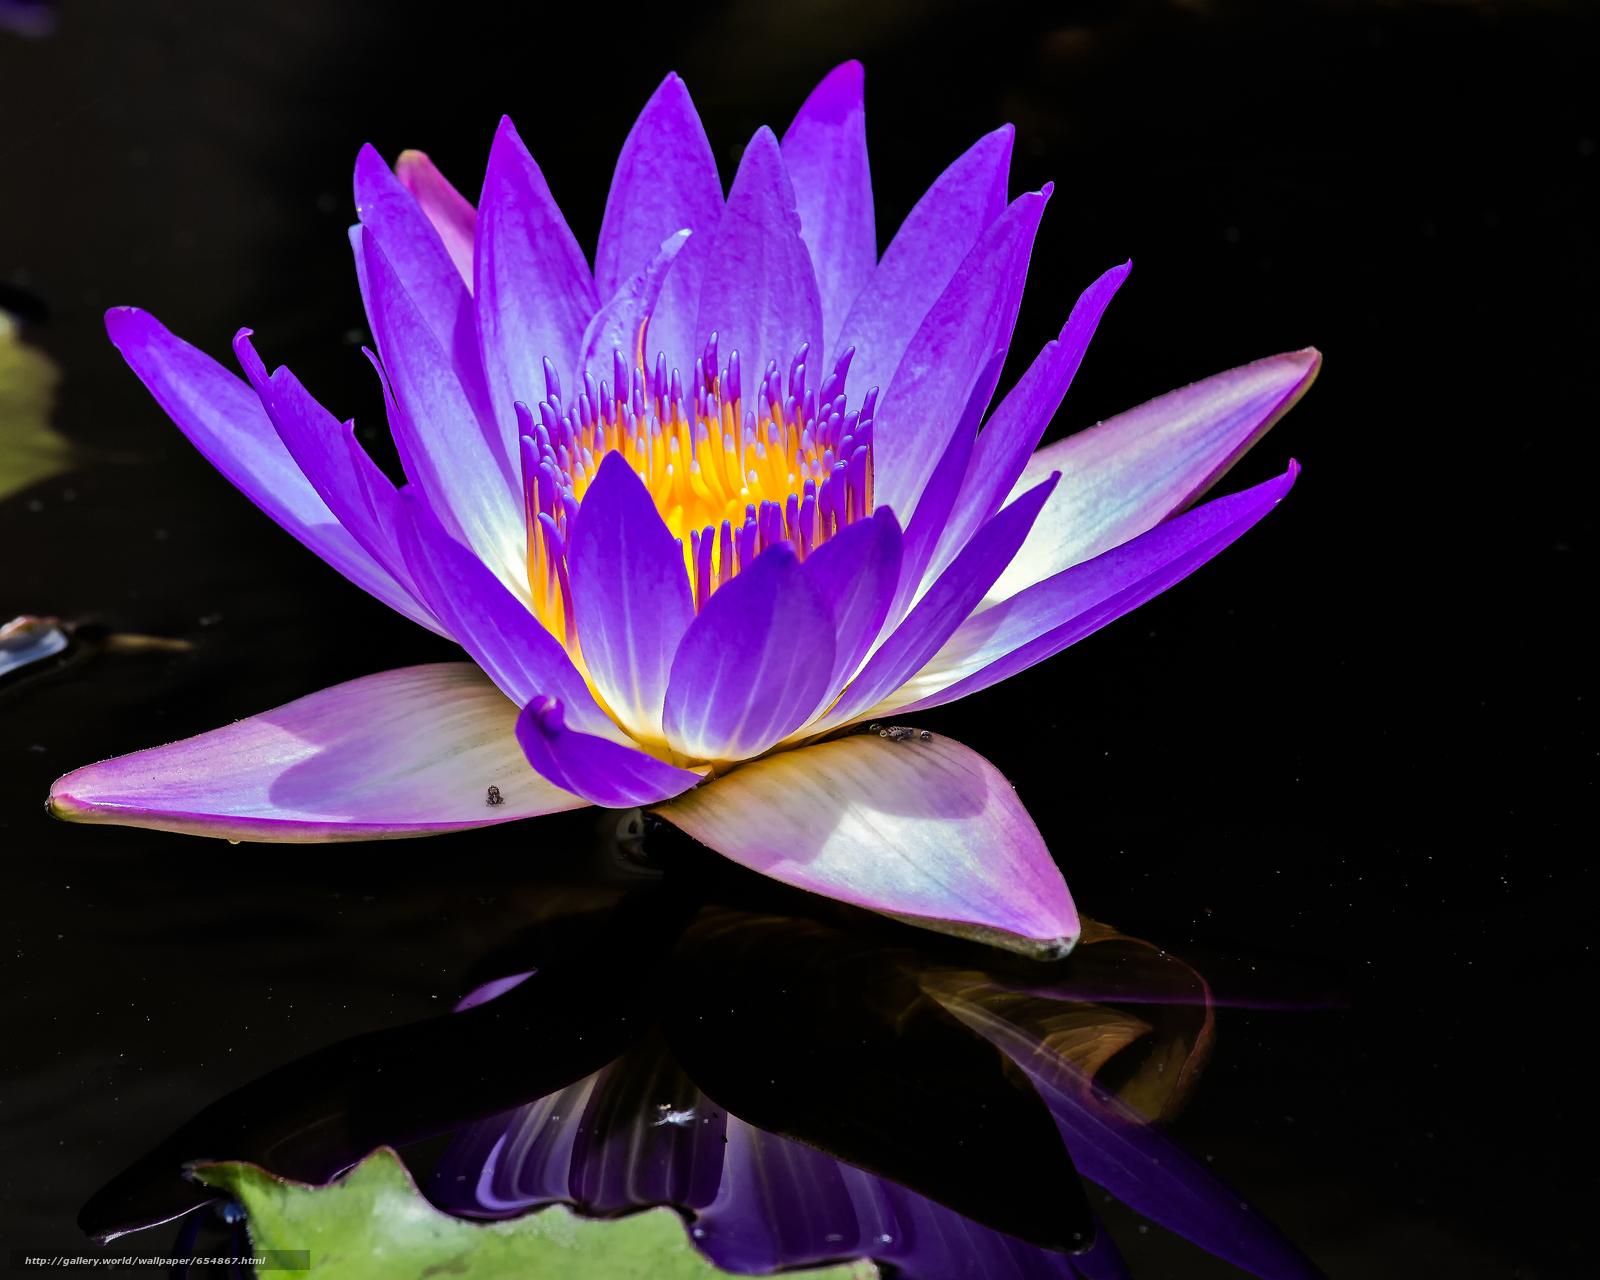 Скачать обои водяная лилия,  водяные лилии,  цветы,  флора бесплатно для рабочего стола в разрешении 3582x2866 — картинка №654867